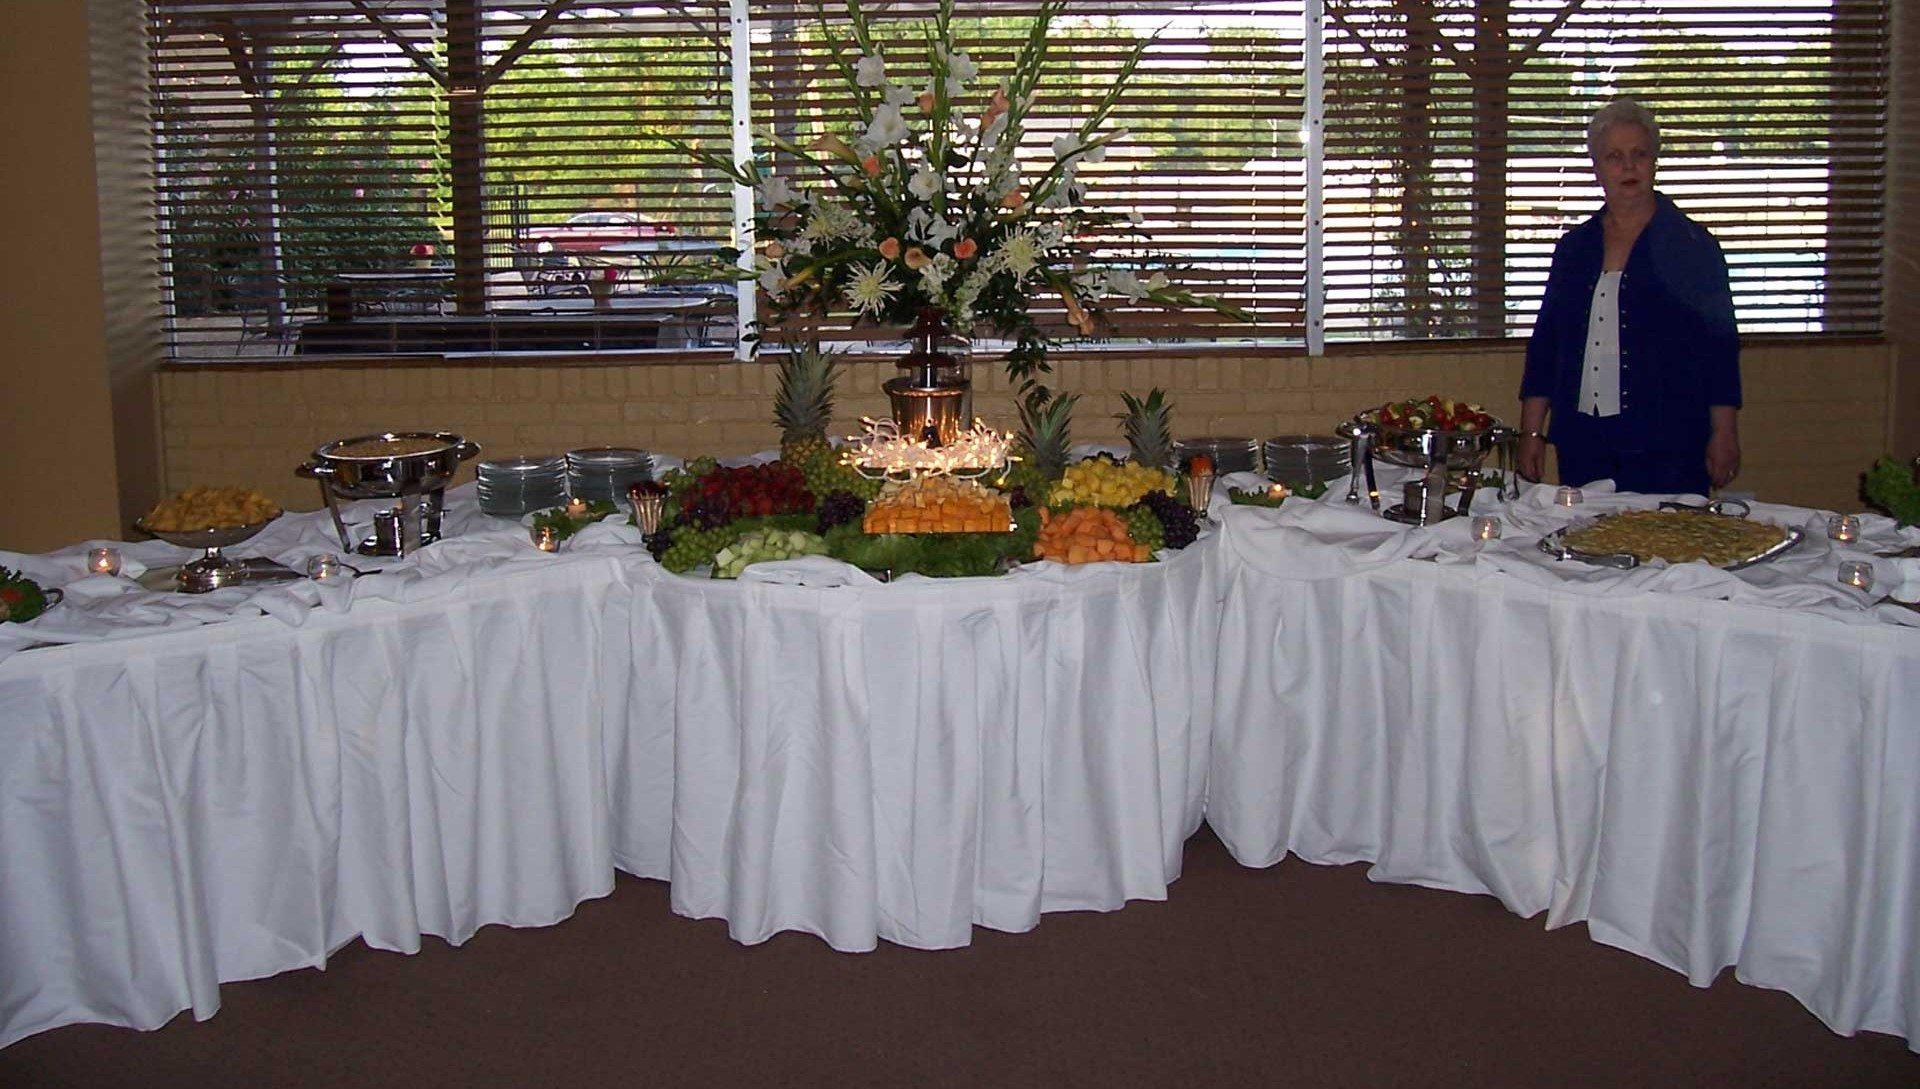 dine buffet centered